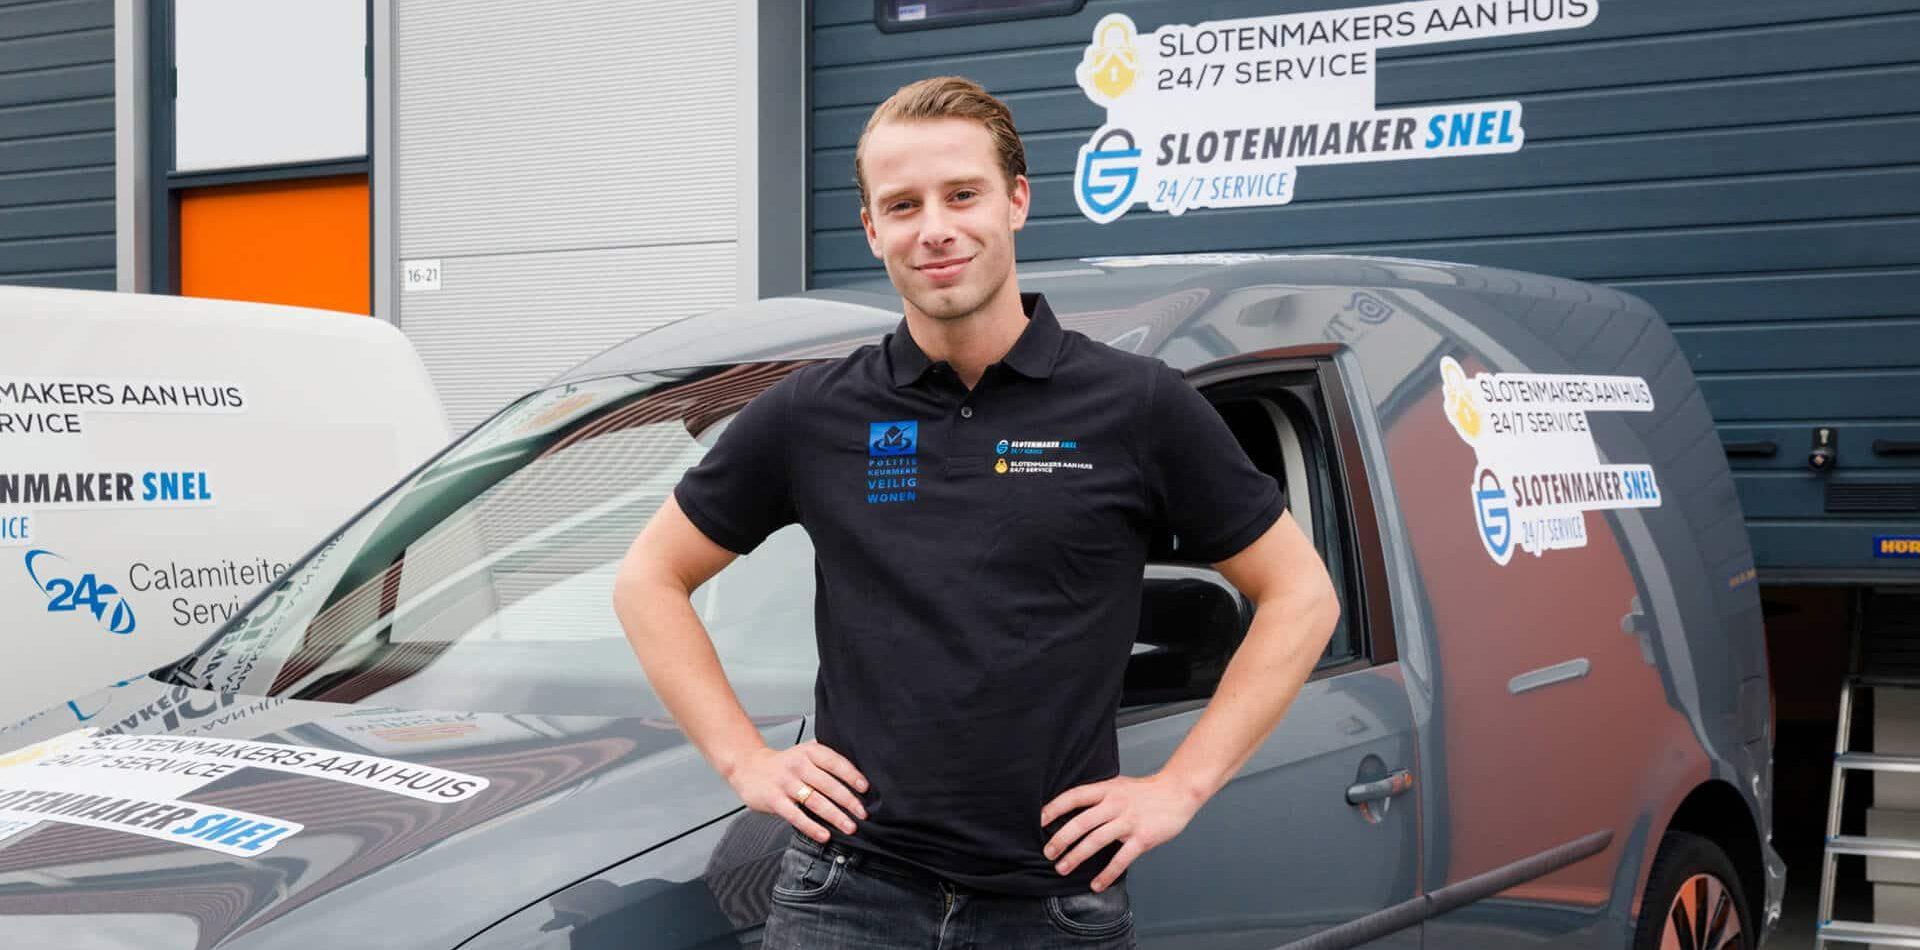 Slotenmaker Wassenaar